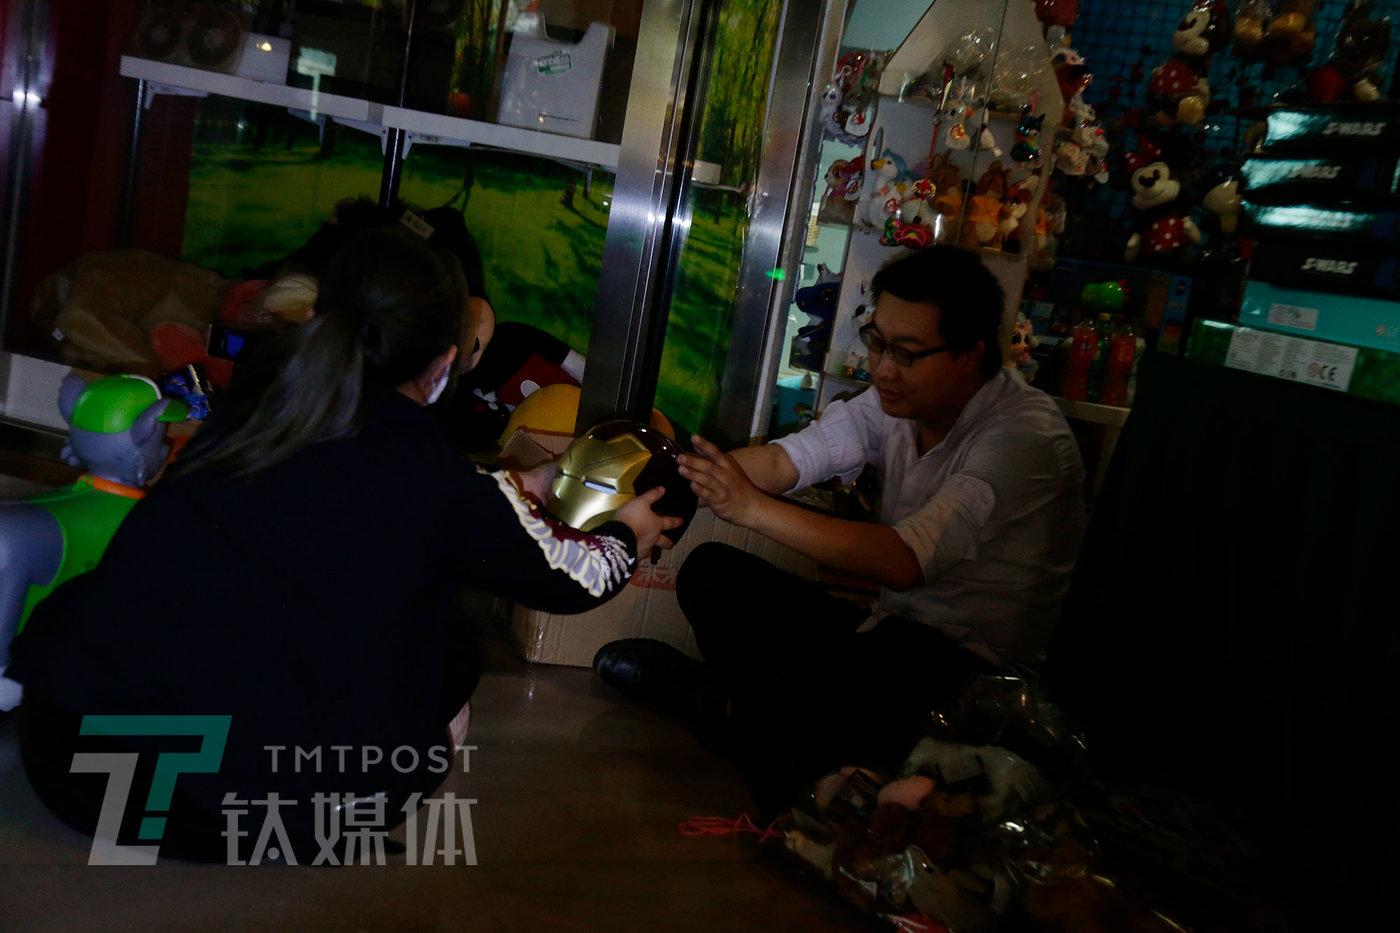 5月8日,北京,首都电影院工作人员整理衍生品库存。没有观众就没有票房,也就失去卖衍生品的收入、失去贴片广告的收入。